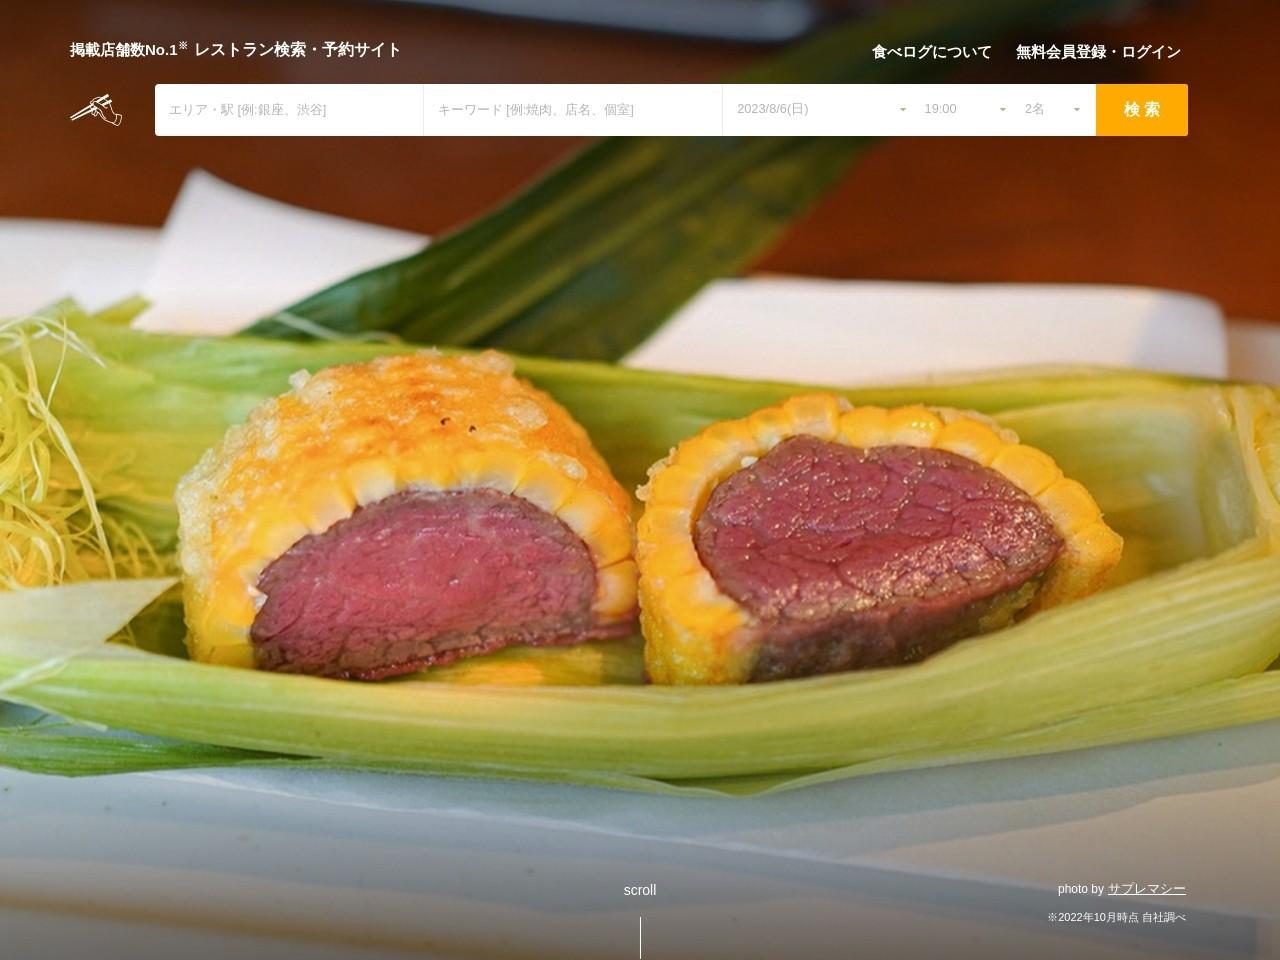 http://tabelog.com/miyagi/A0401/A040105/4002202/